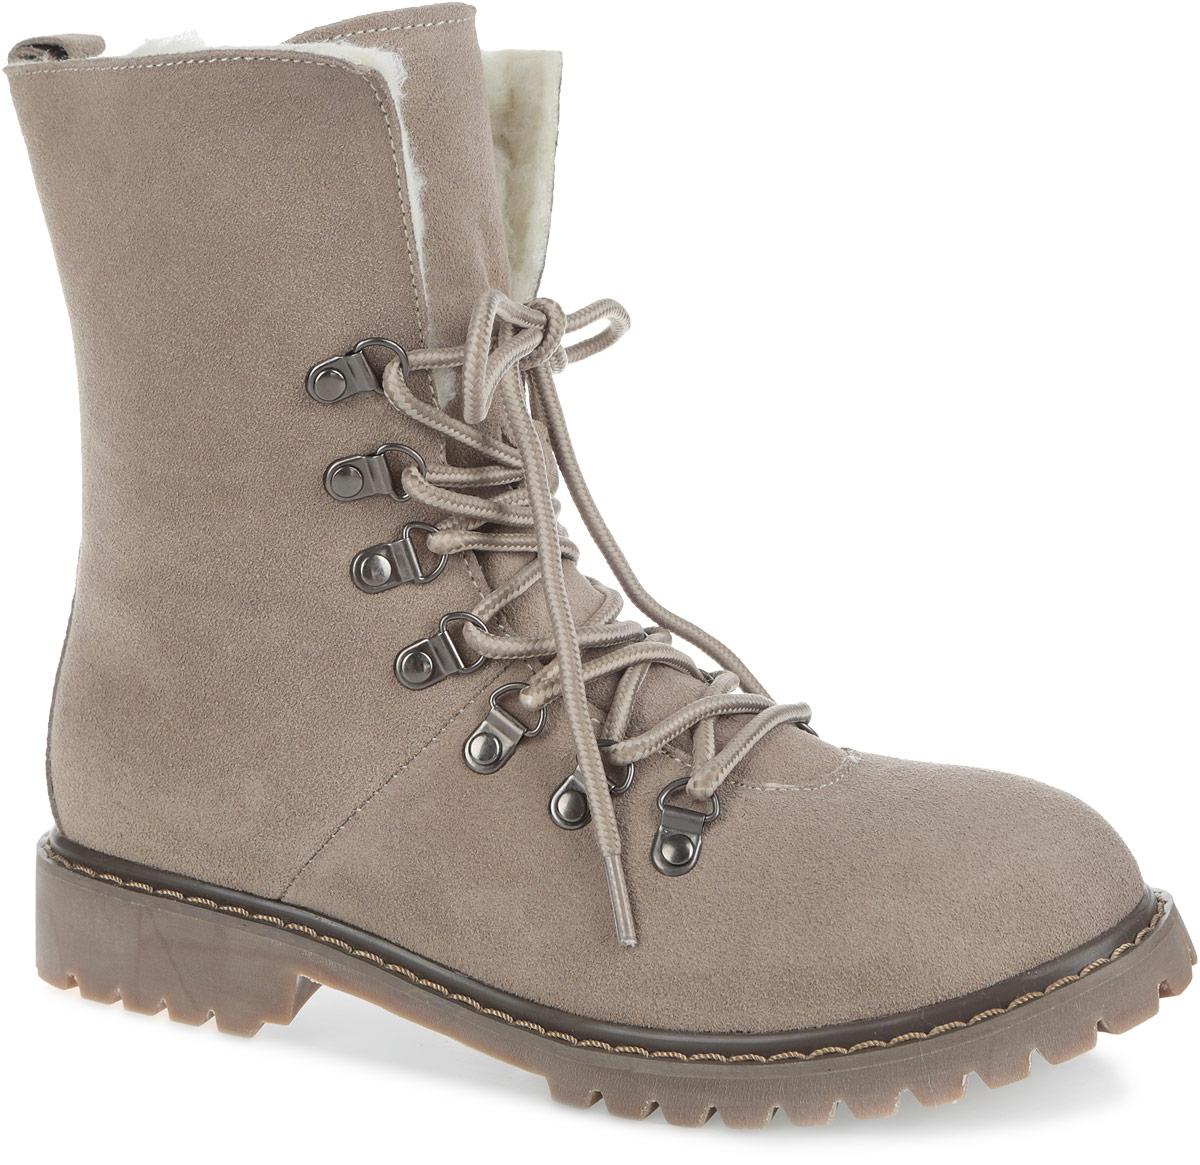 Ботинки женские. 180-1180-11Высокие женские ботинки от Nobbaro придутся по душе любой моднице. Модель выполнена из натурального спилока. Шнуровка надежно фиксирует обувь на ноге. Подкладка и стелька, выполненные из натуральной шерсти, сохранят ваши ноги в тепле. Ярлычок на заднике облегчает обувание модели. Каблук и подошва с рельефной поверхностью обеспечивают отличное сцепление с поверхностью. Такие ботинки отлично подойдут для повседневного использования и подчеркнут ваш стиль и индивидуальность.